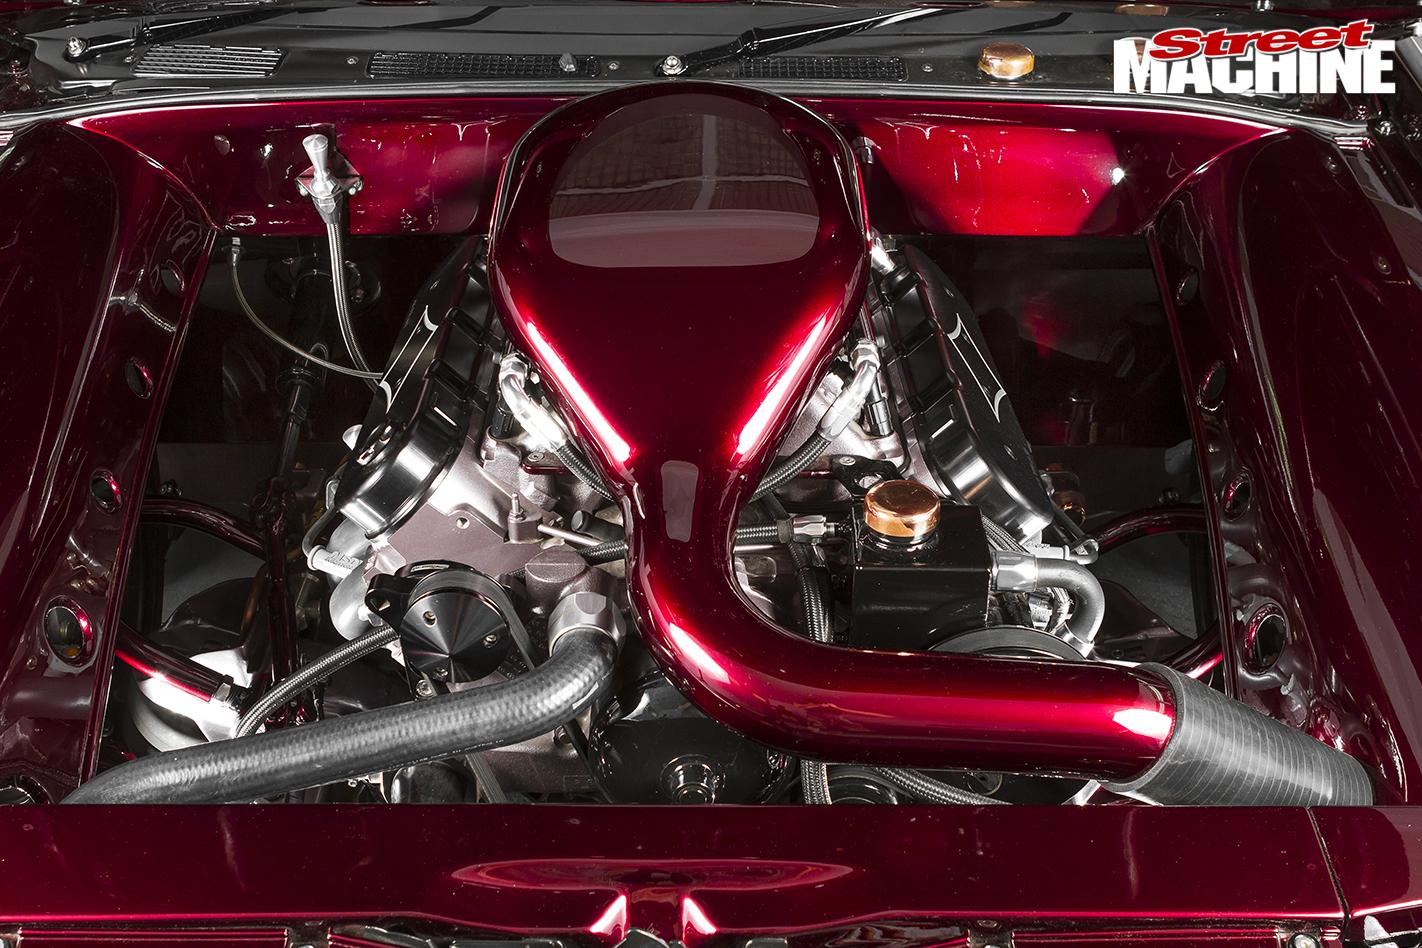 Holden -Rodeo -slammed -engine